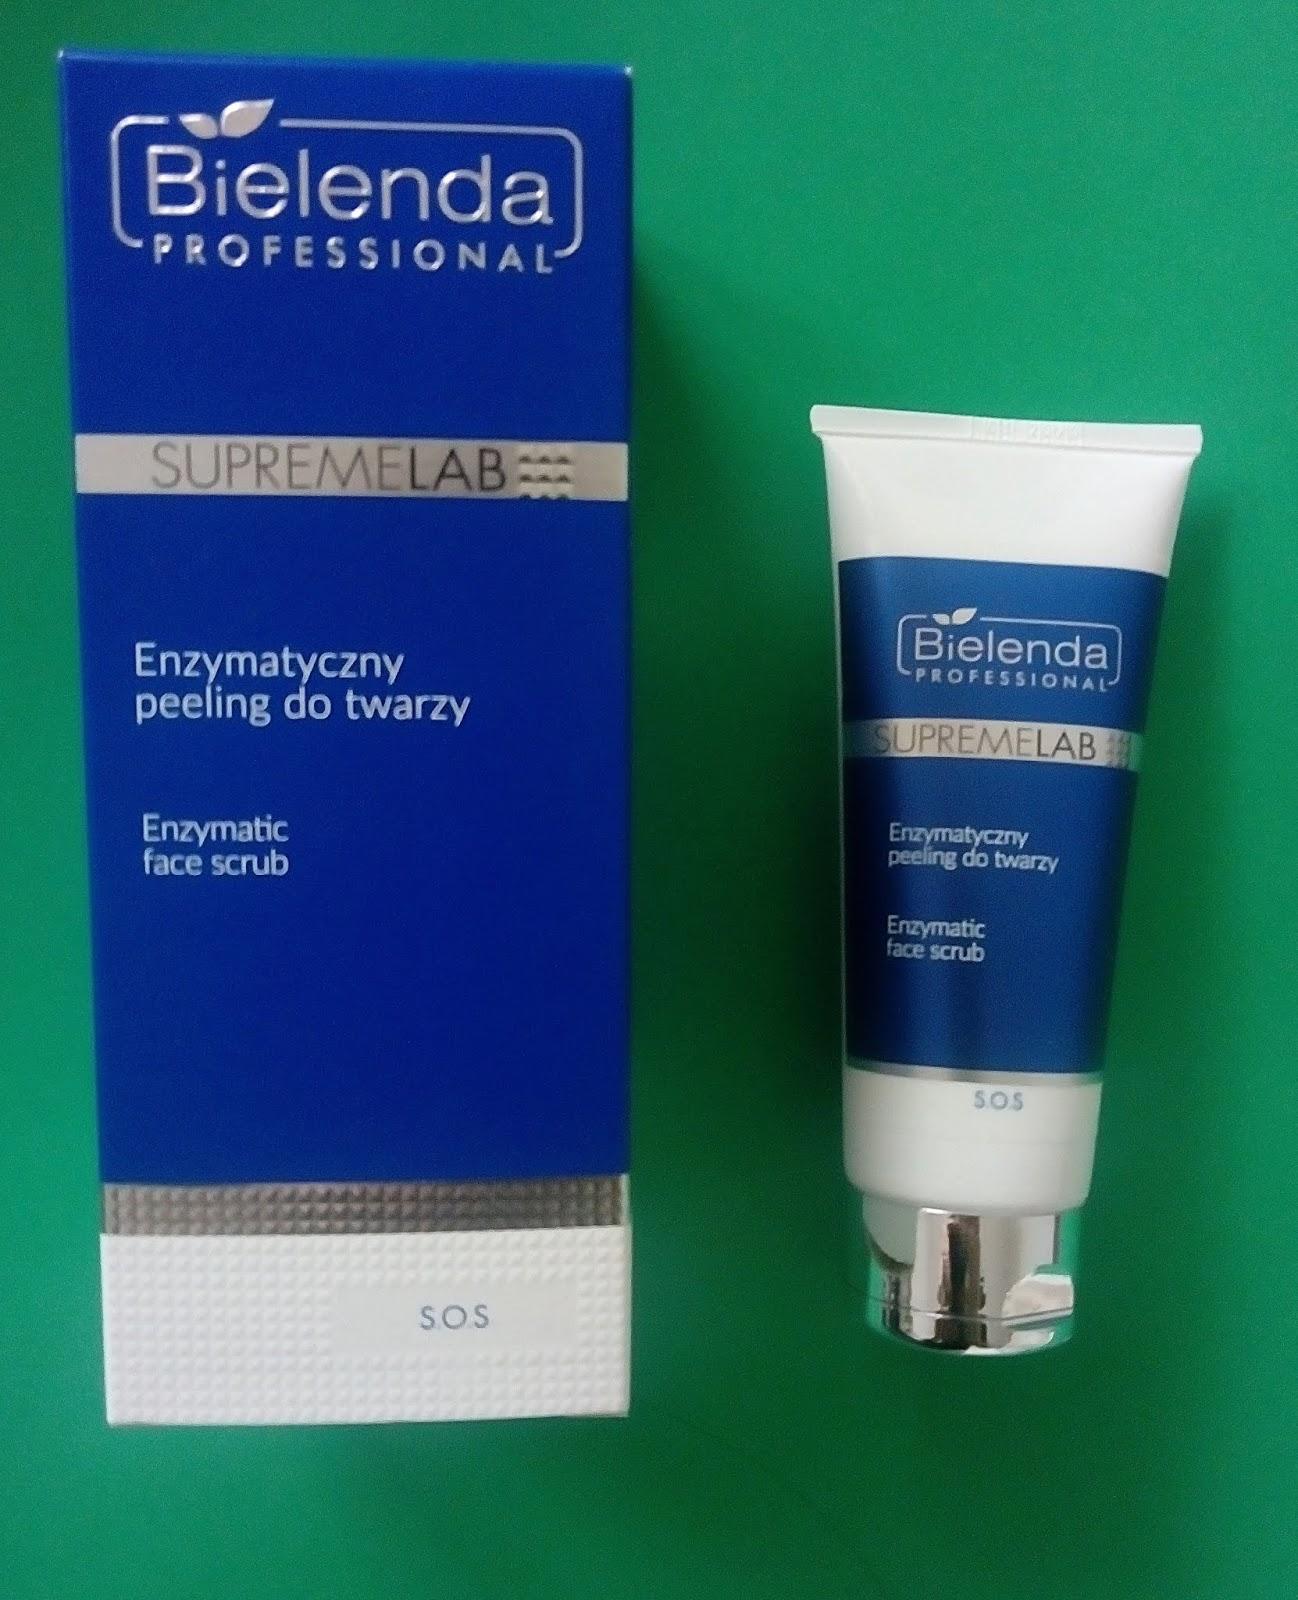 Bielenda professional supremelab enzymatyczny peeling do twarzy